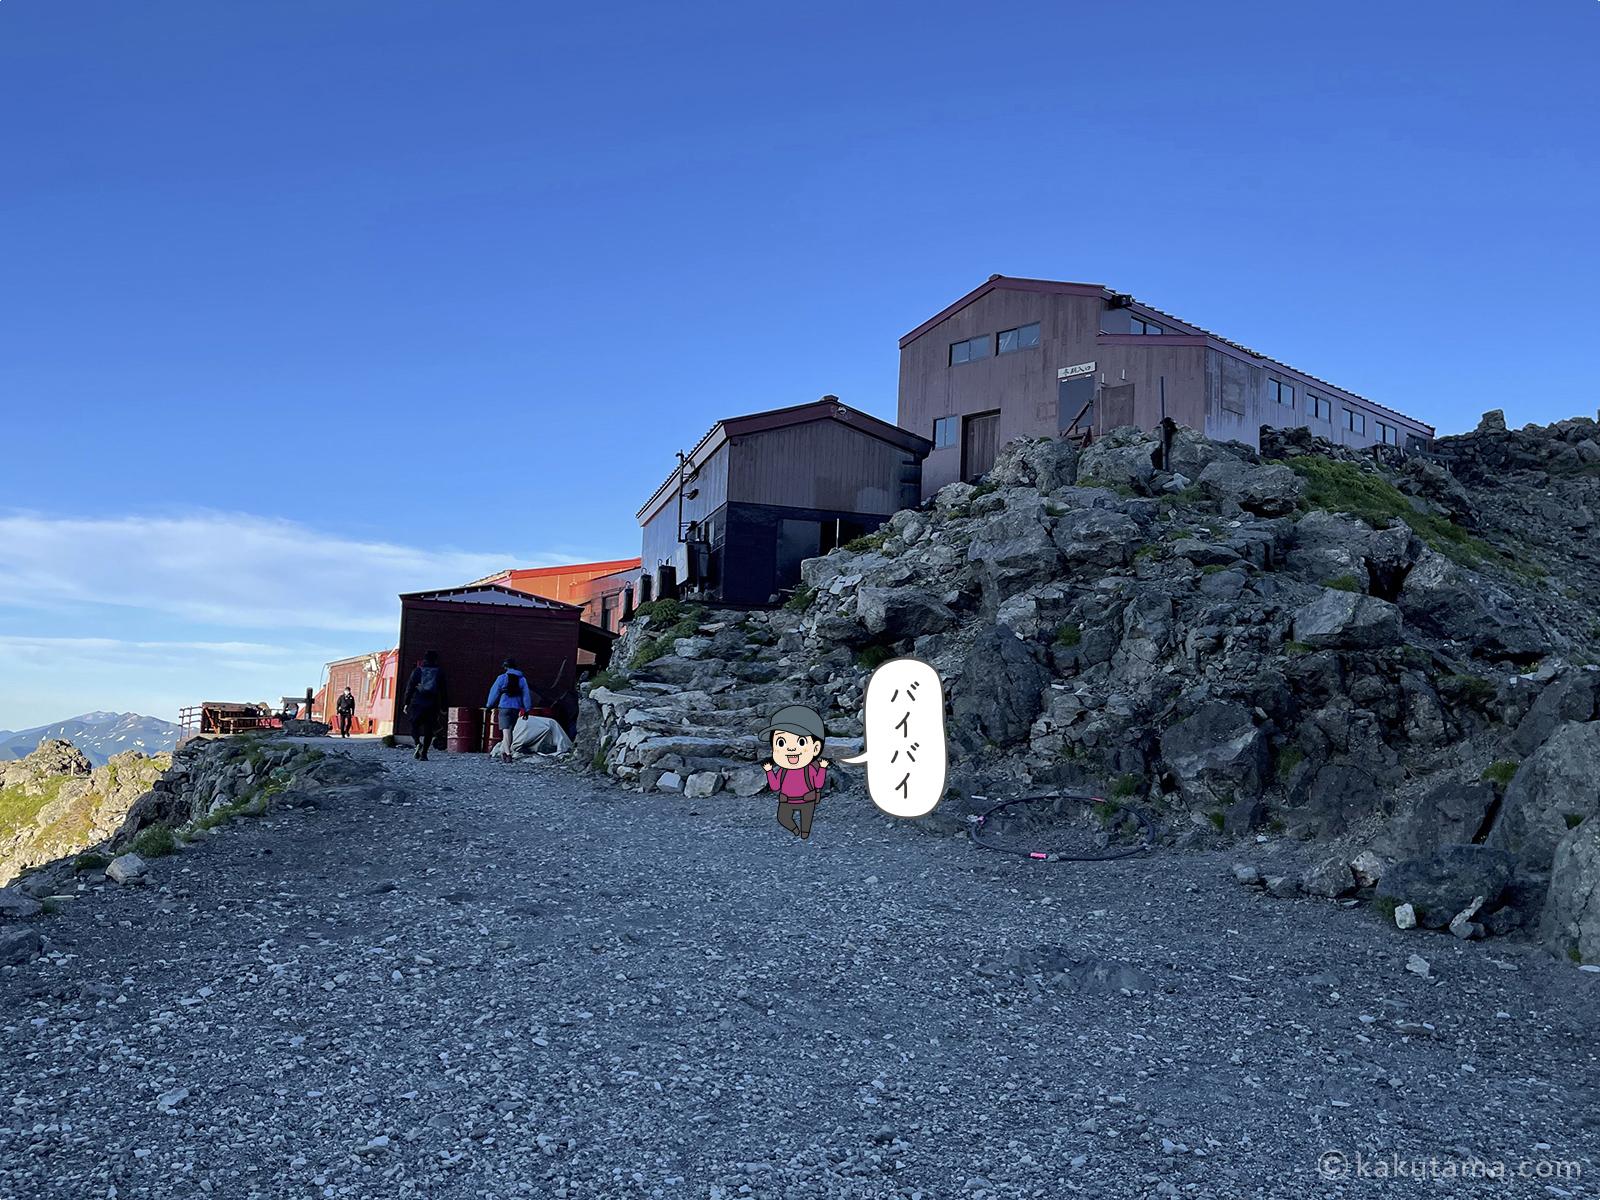 槍ヶ岳山荘からスタート